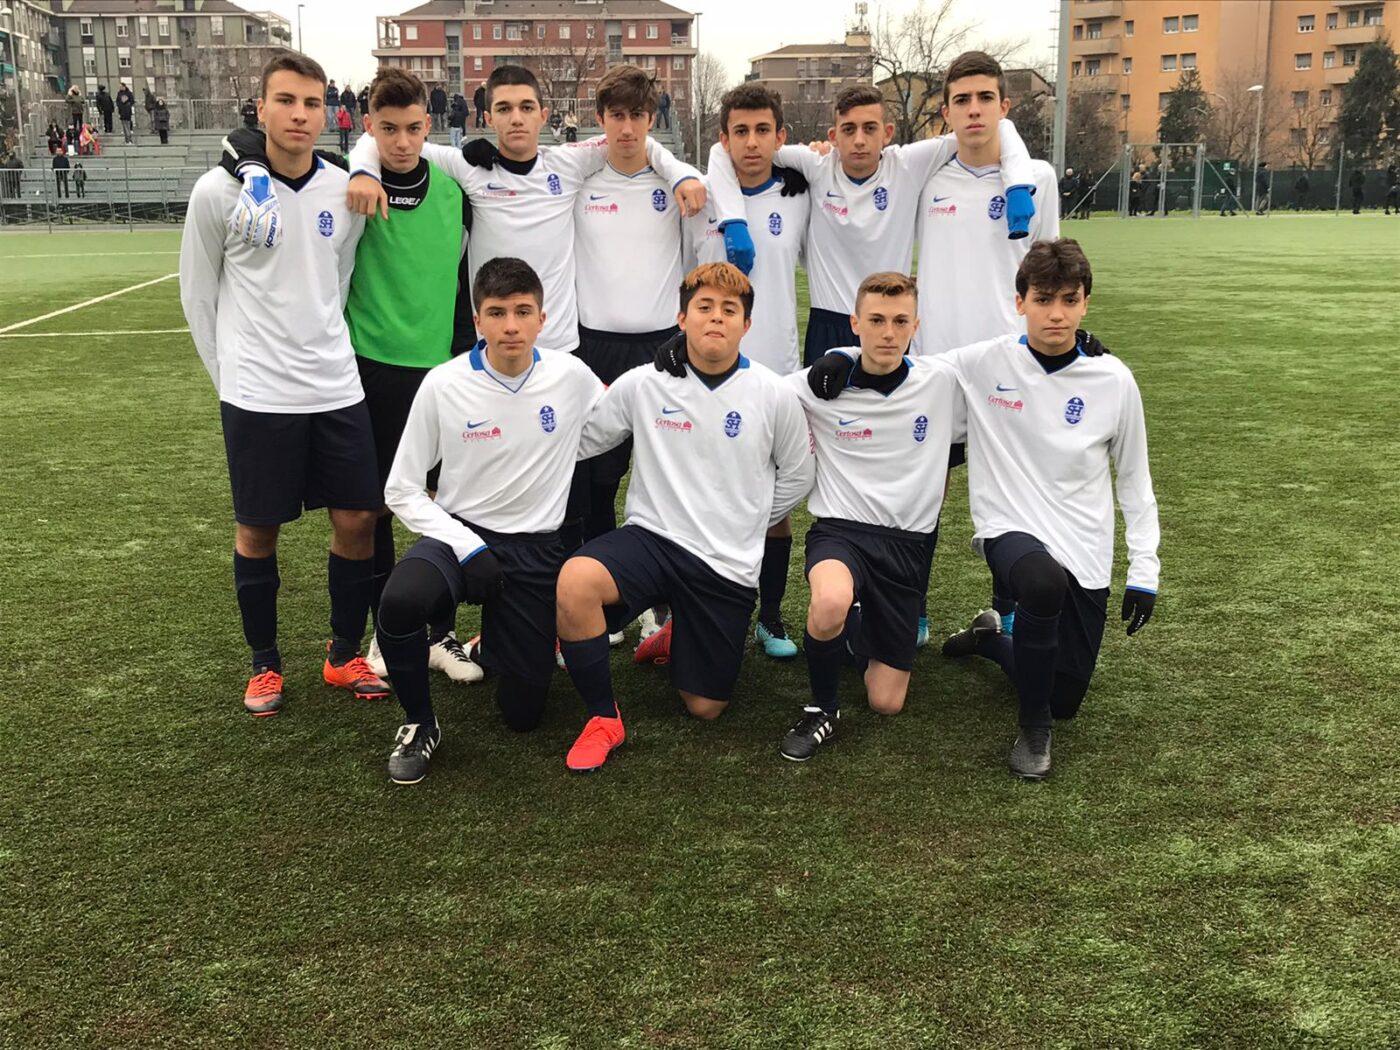 Sempione - Viscontini Under 17: Brighenti sconfitto, gialloblù perfetti